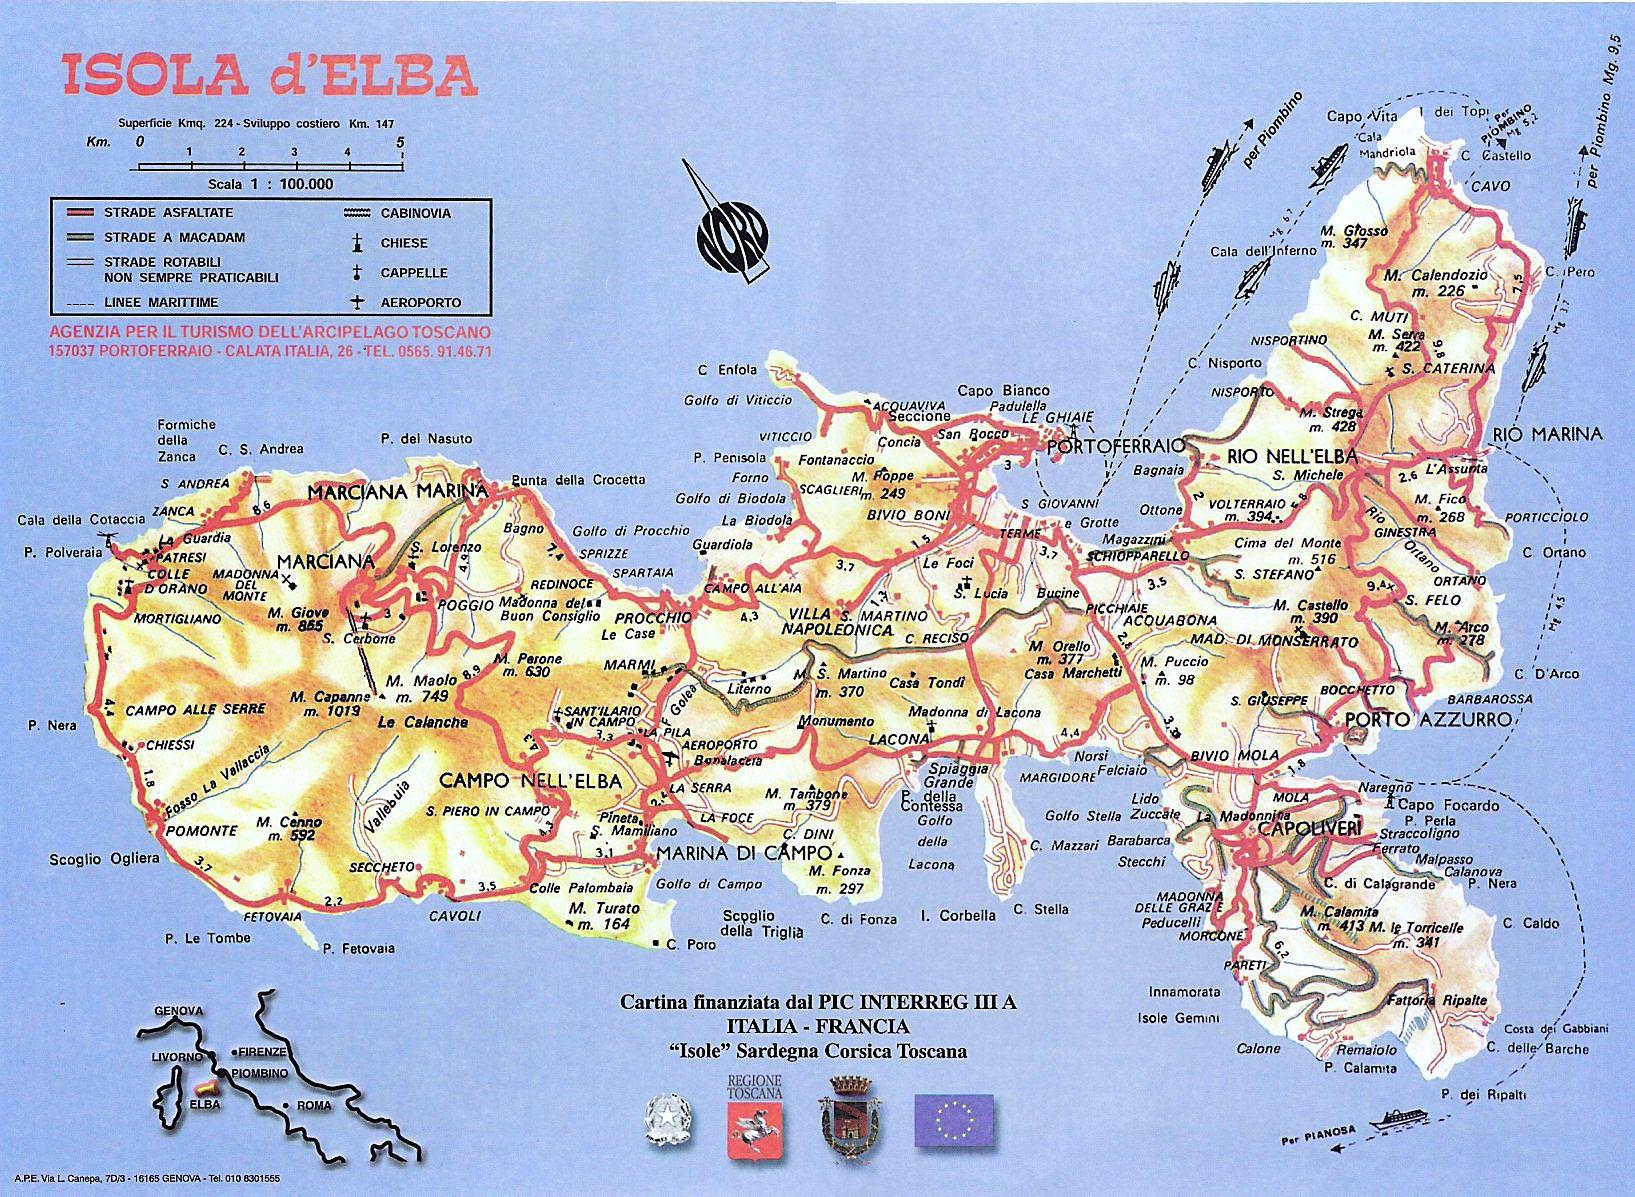 Cartina Elba Isola.Isola D Elba Cartina Stradale Isola D Elba Elba Isola